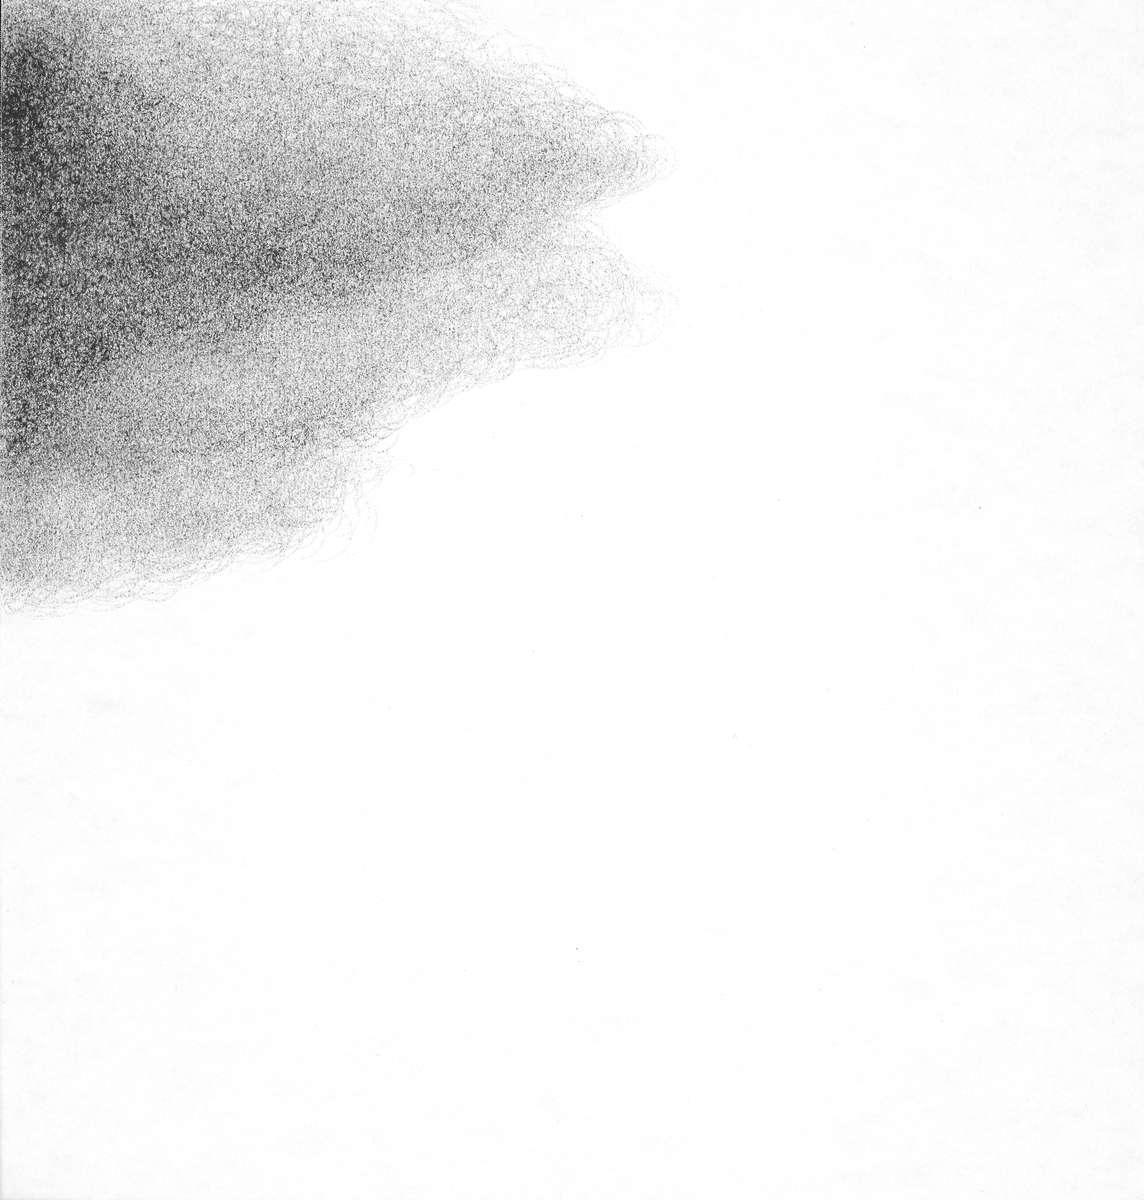 Tina Konec, Traces III